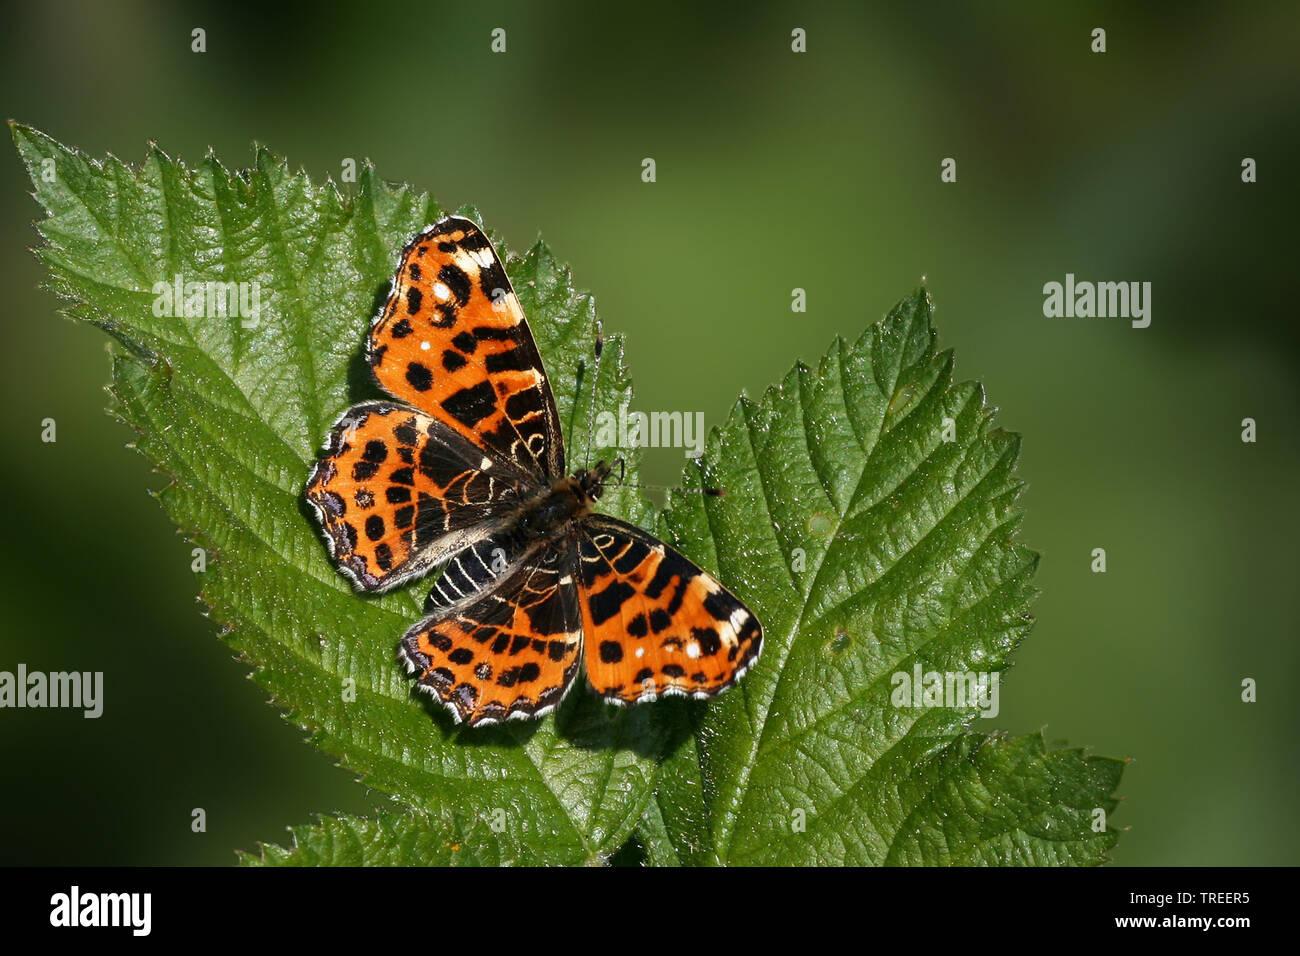 Landkaertchen, Landkaertchenfalter, Landkaertchen-Falter (Araschnia levana), sitzt auf einem Blatt, Aufsicht, Niederlande | map butterfly (Araschnia l - Stock Image